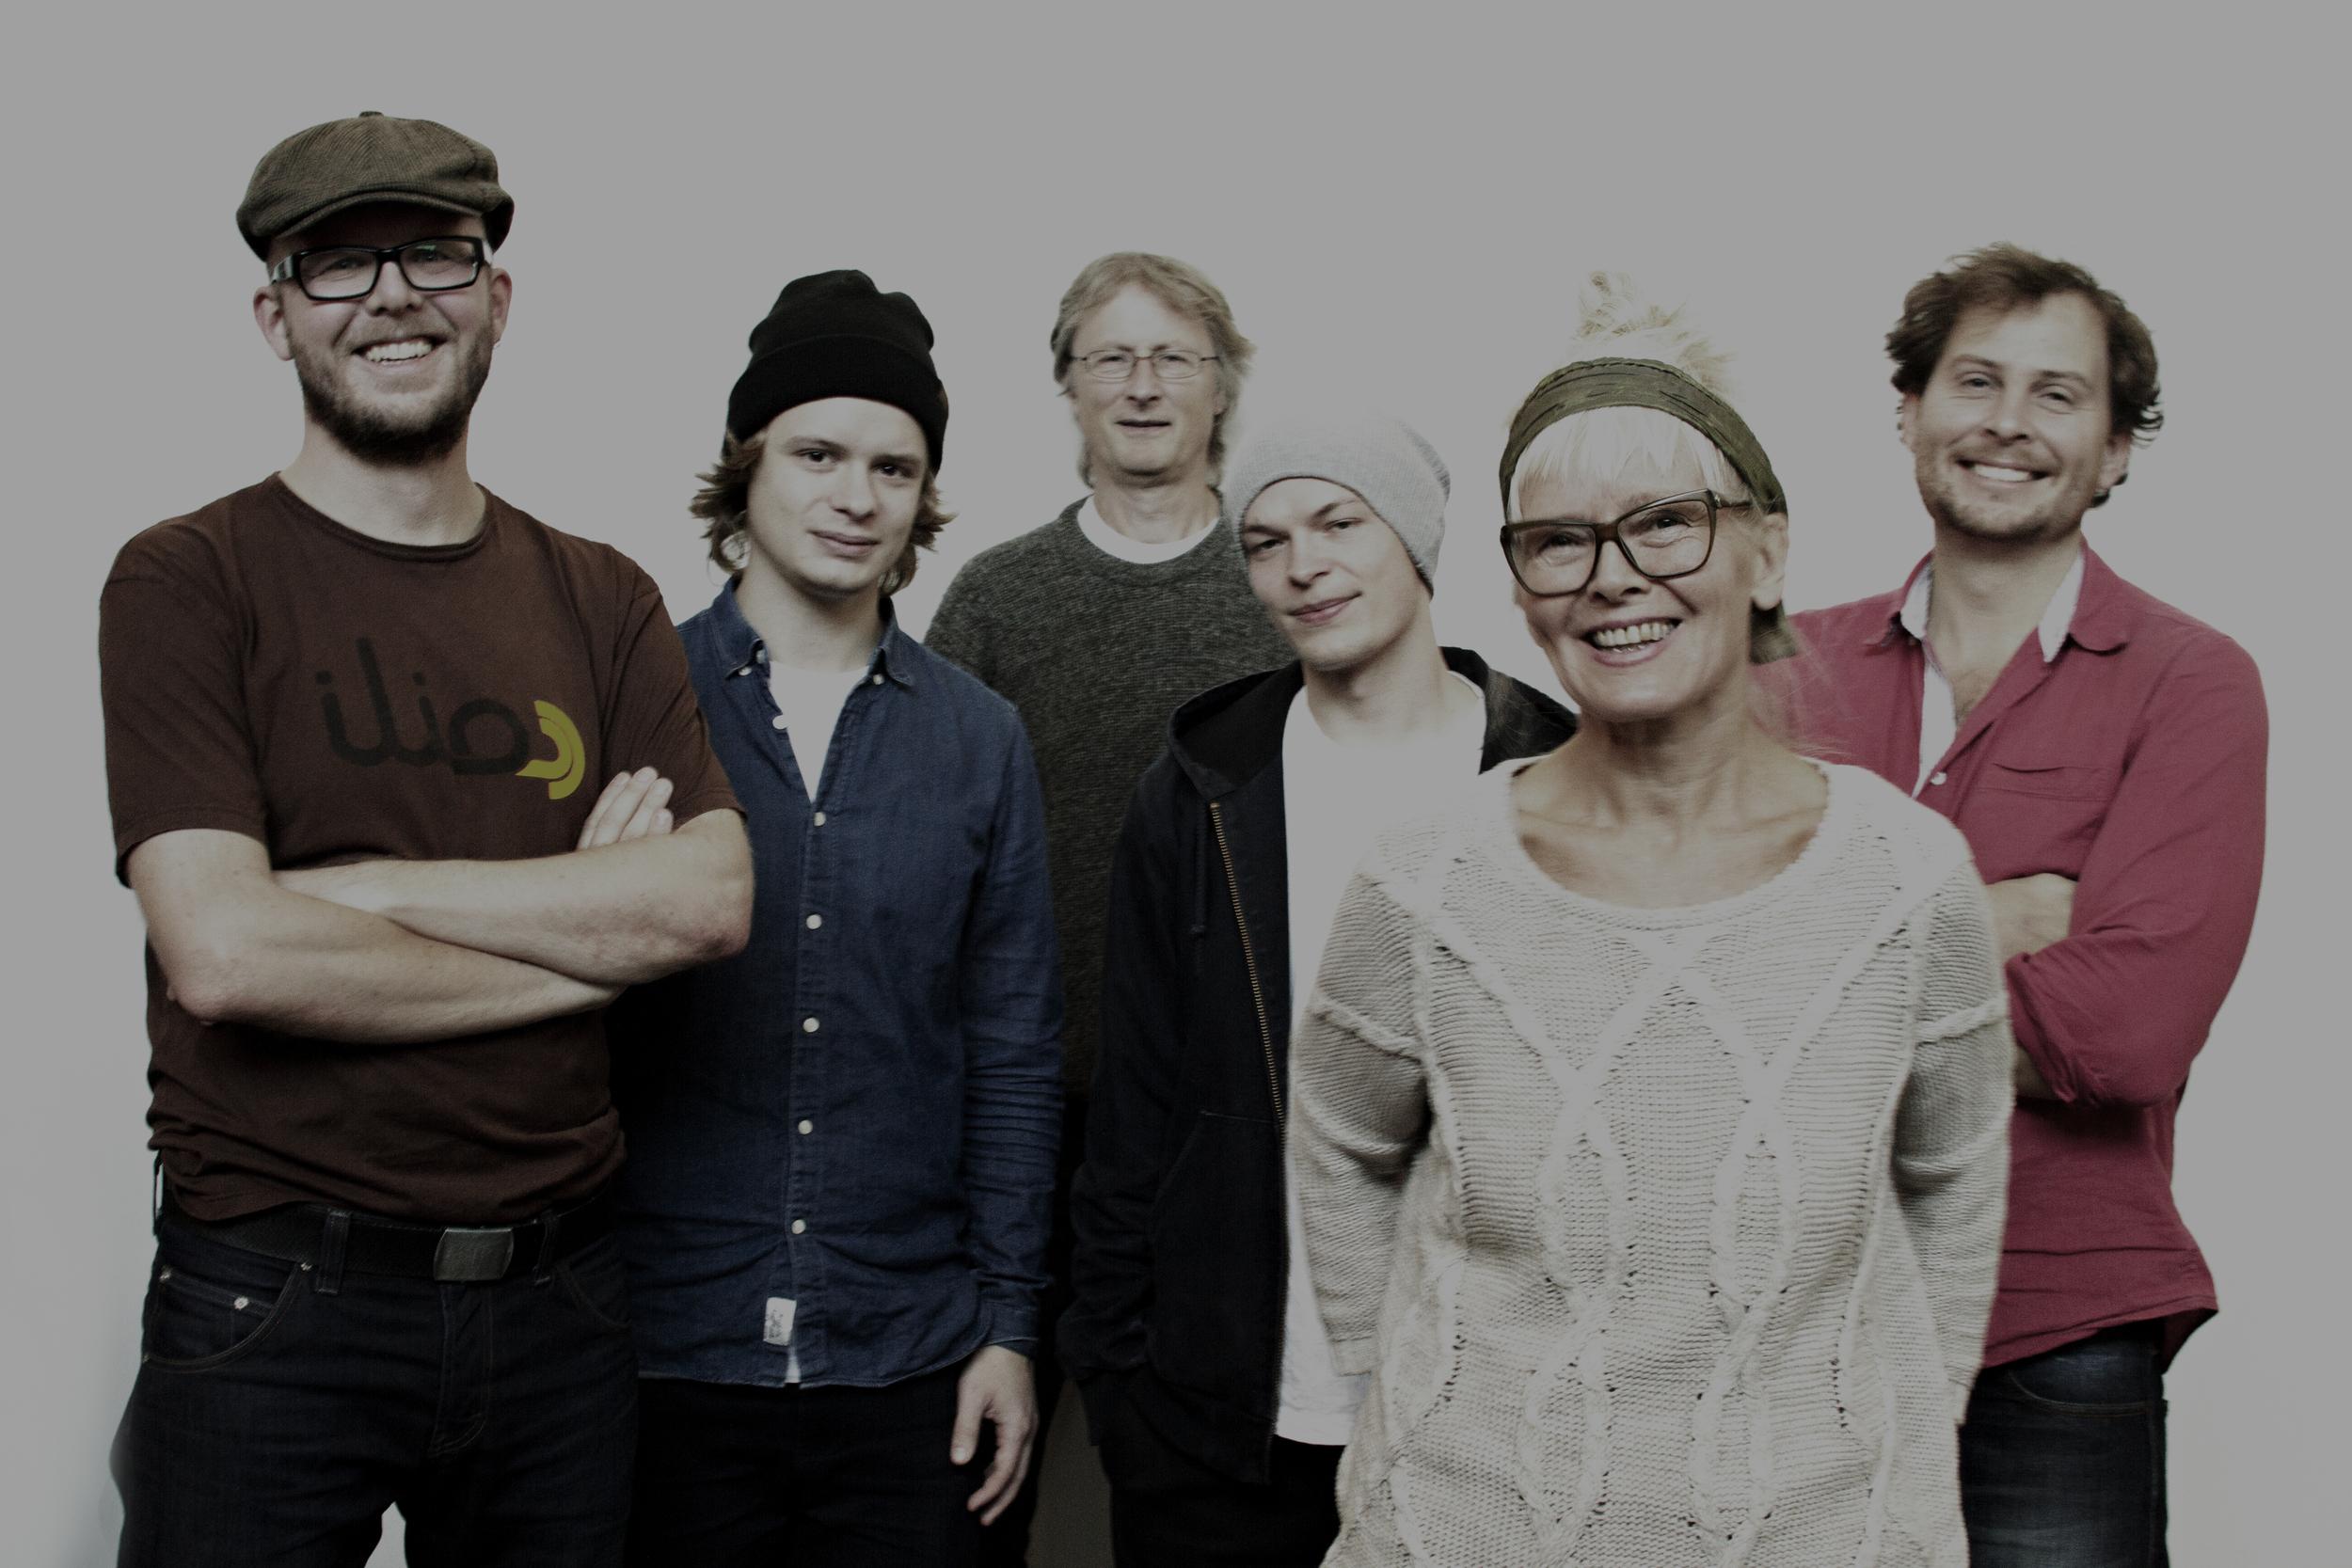 Marit Sandvik & Nova Onda   Foto: Carl Christian Lein Størmer   Trykk for å laste ned i full oppløsning